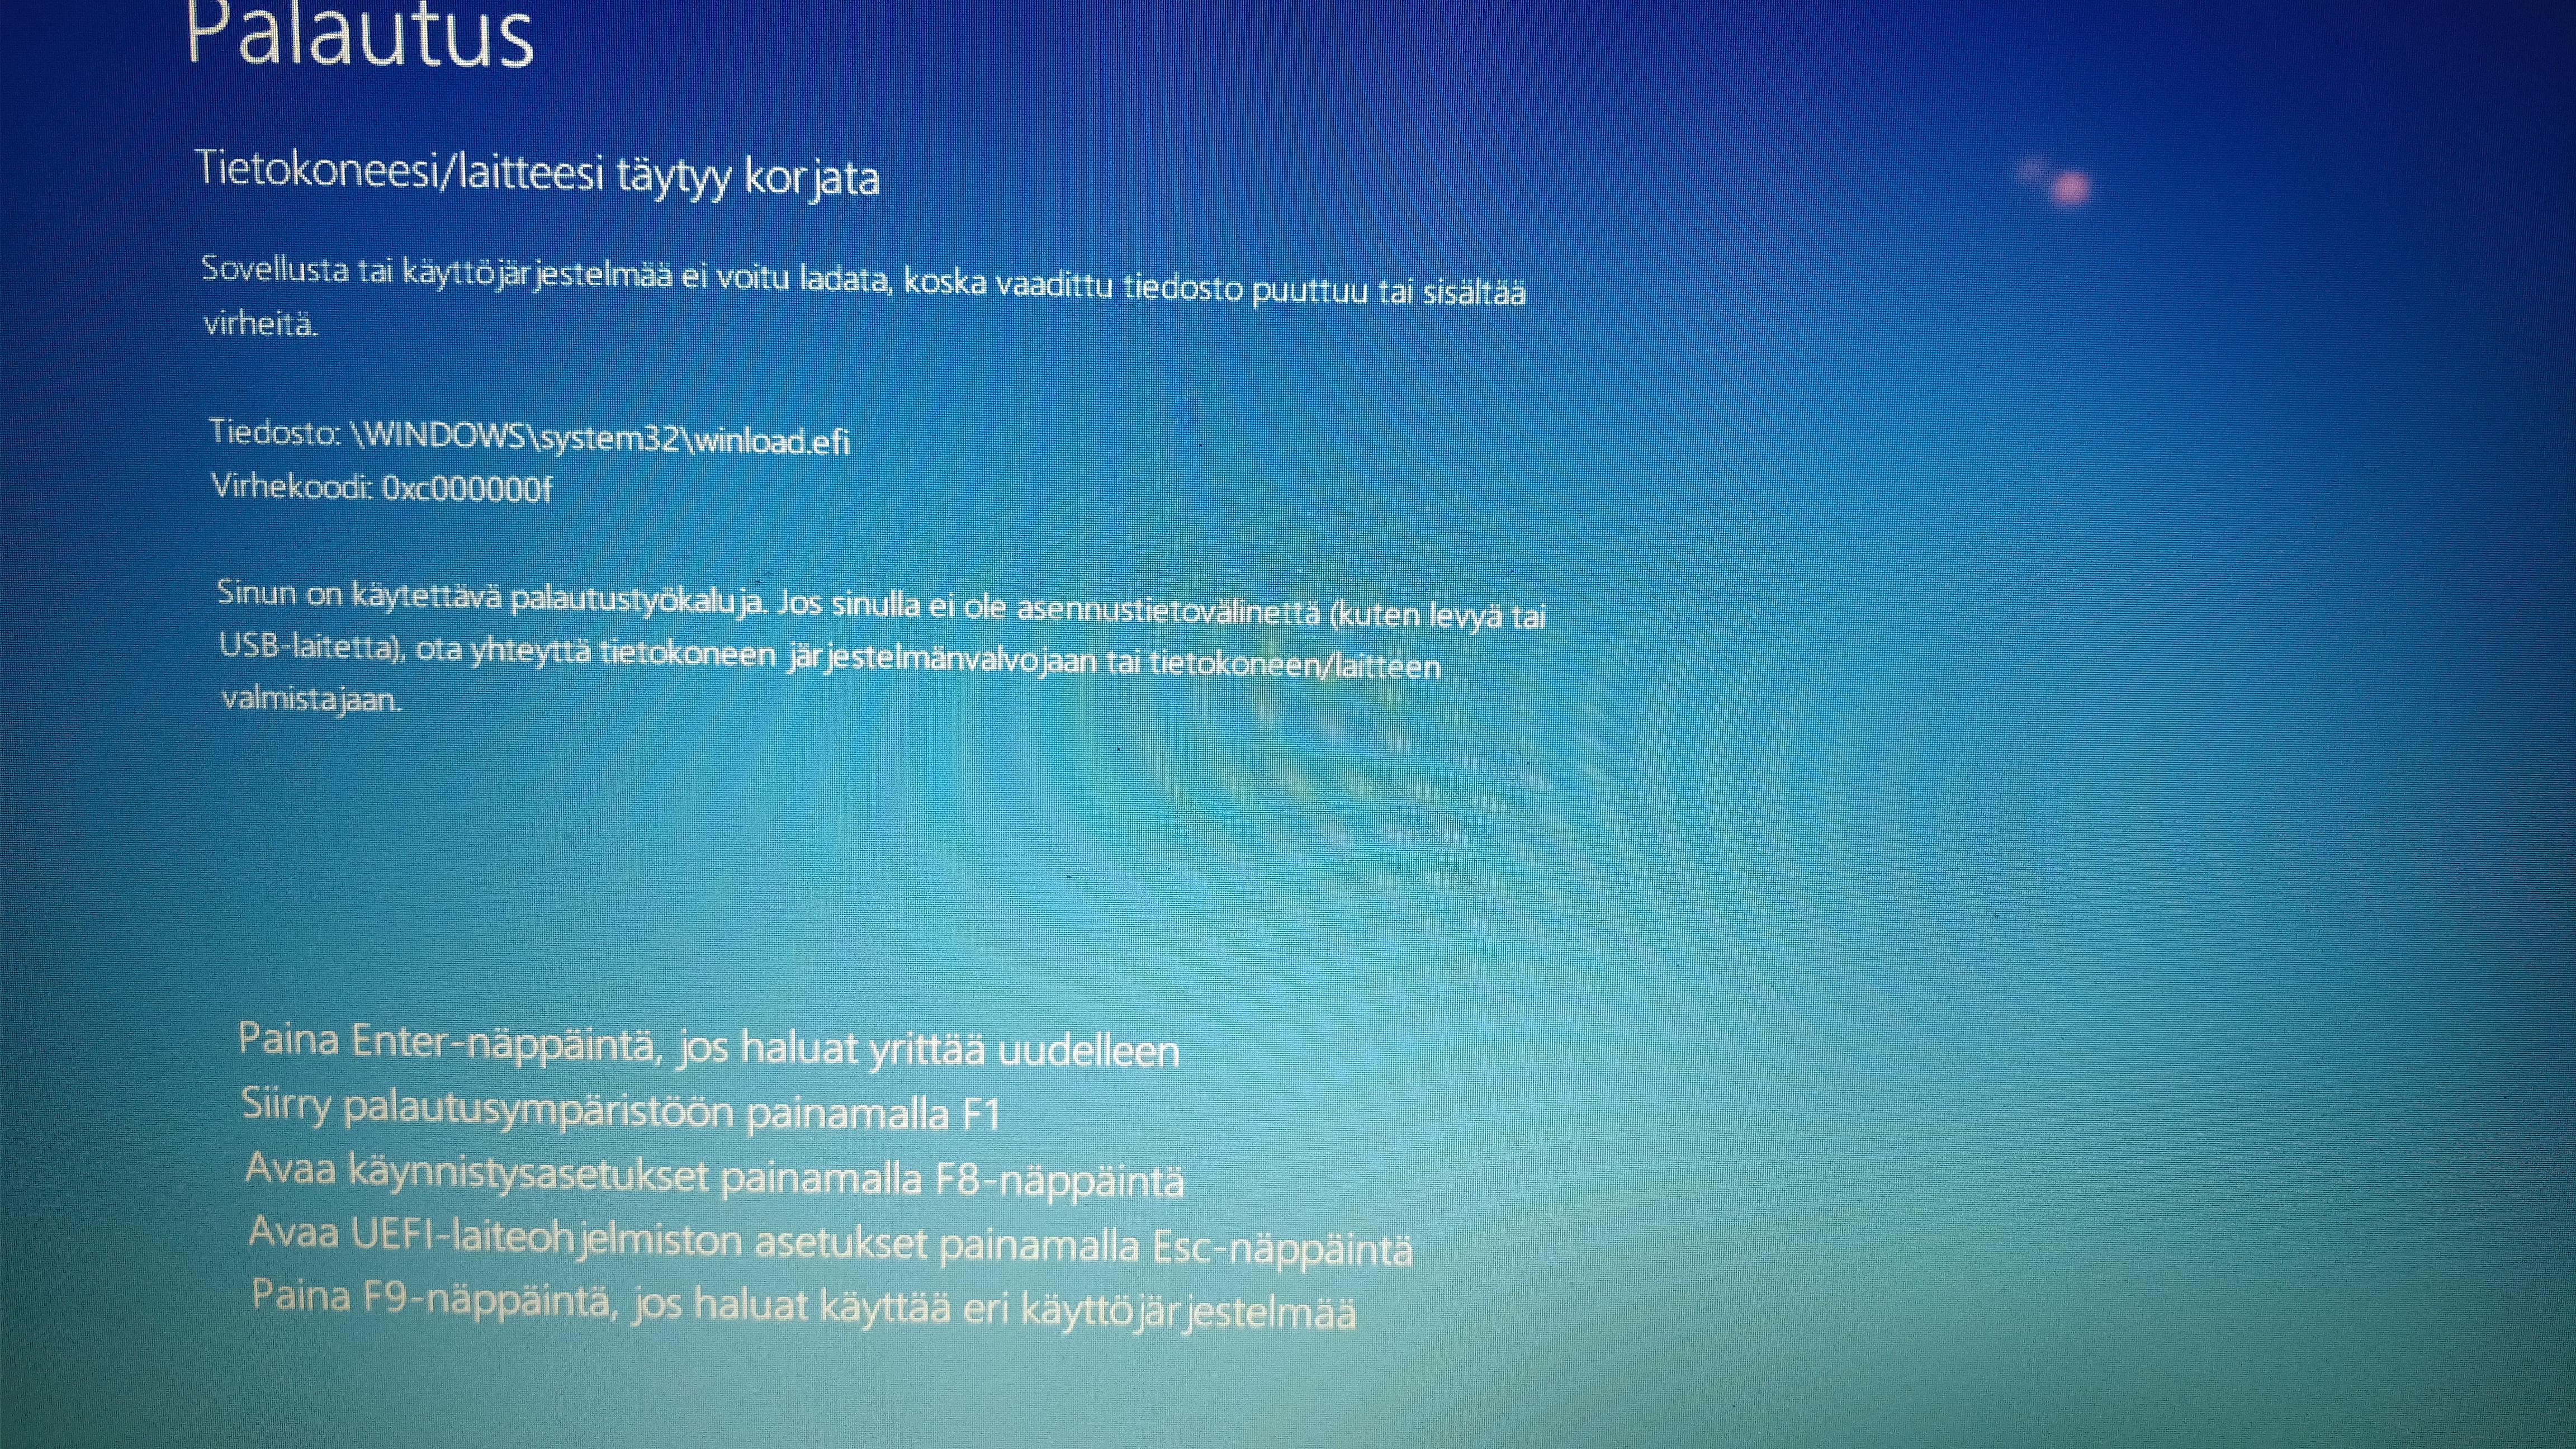 Windows 10 Jumittaa